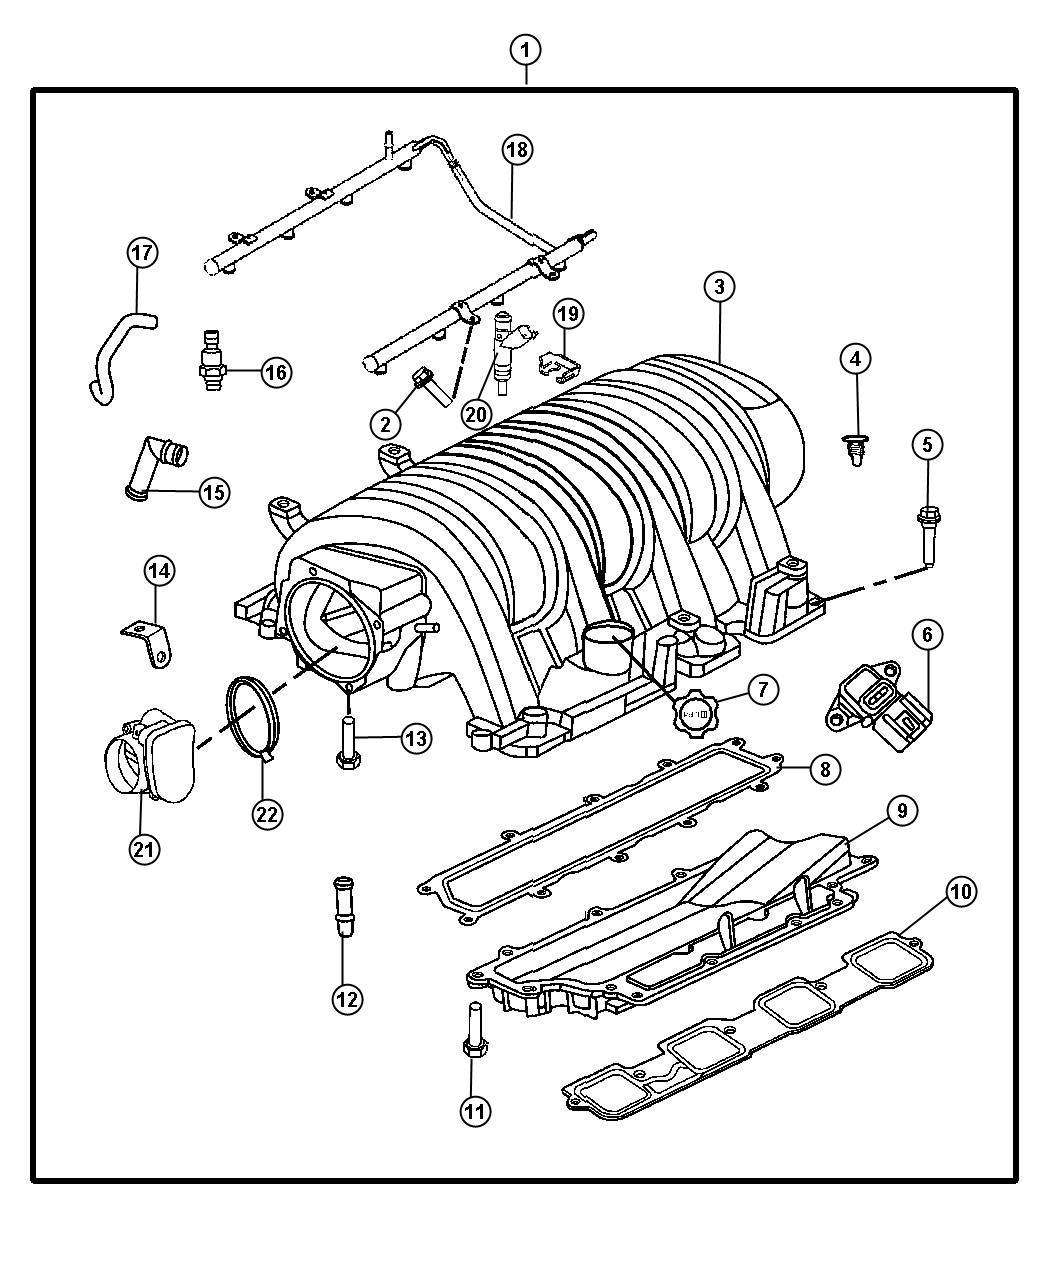 Chrysler 300 Manifold Intake Engine Hemi